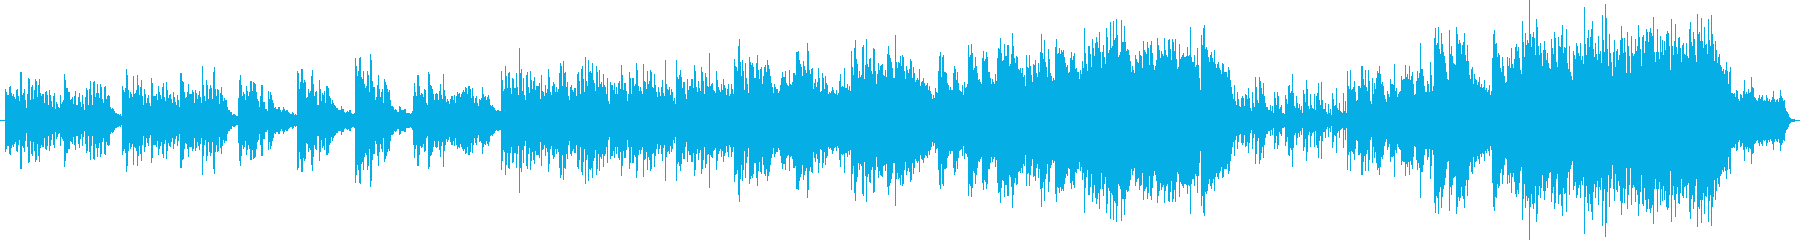 優しく穏やかなエレピのメロディの癒し曲の再生済みの波形